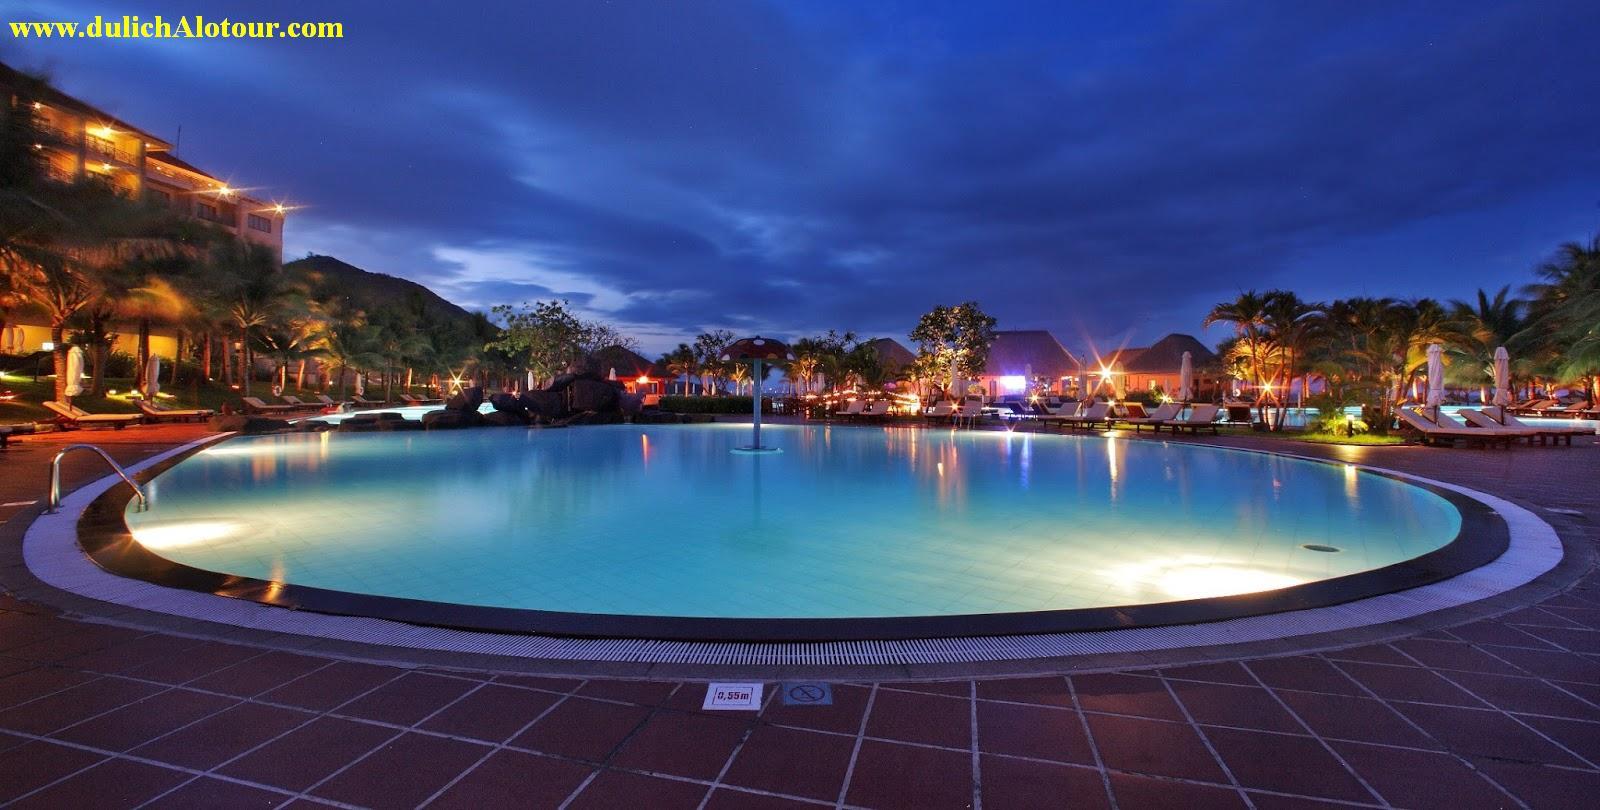 Video giới thiệu chương trình Tour du lịch Hải Phòng Đà Nẵng (5 ngày 4 đêm)